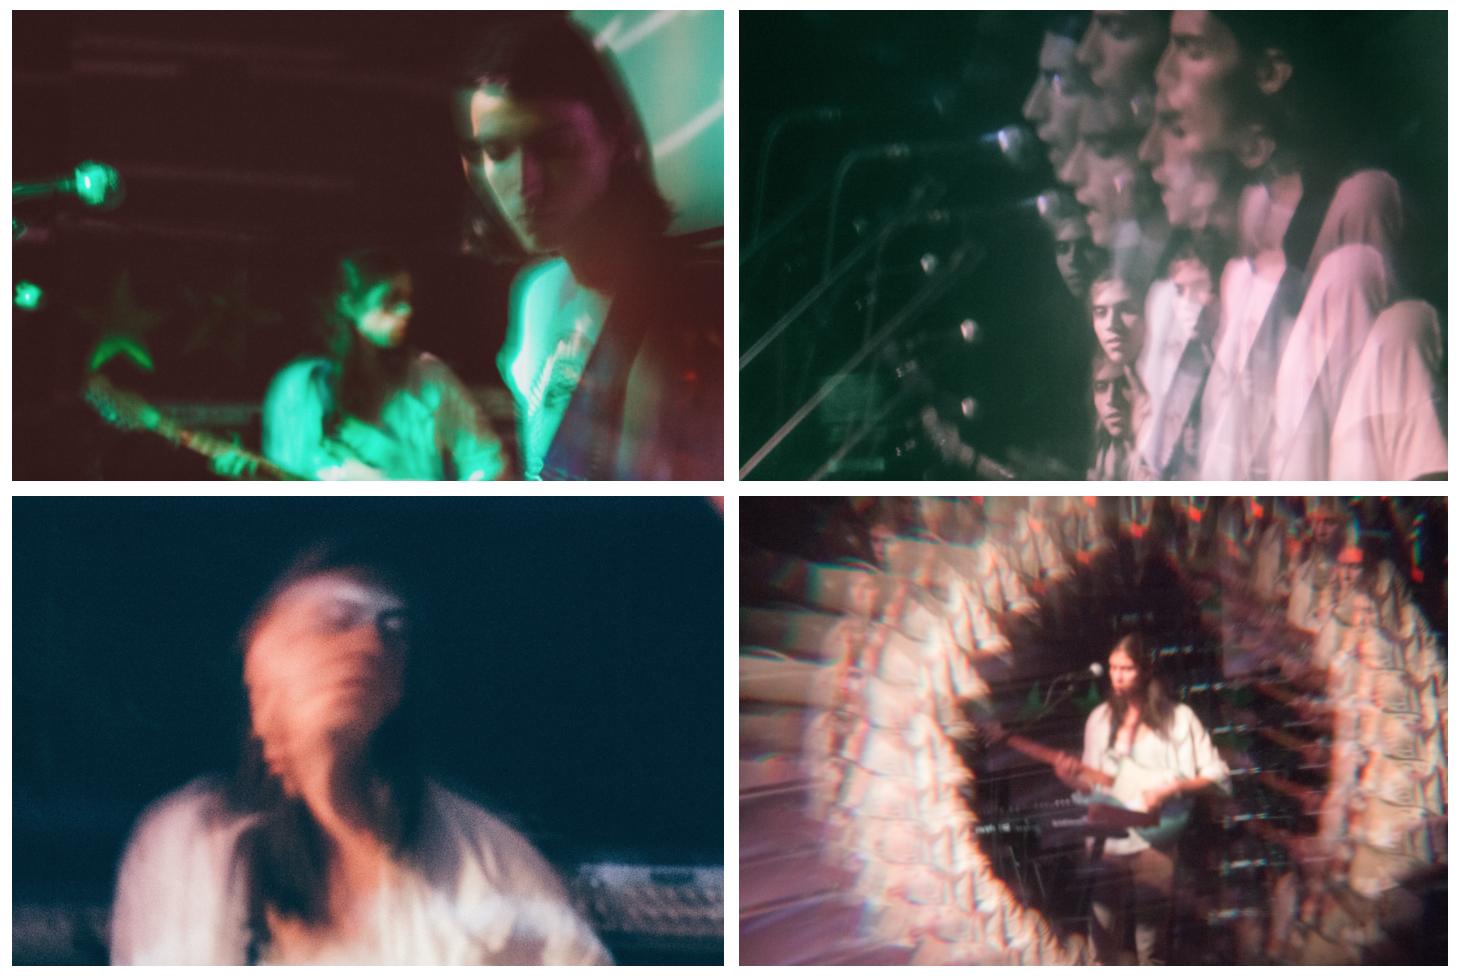 film_vintage_Crystal_music.png